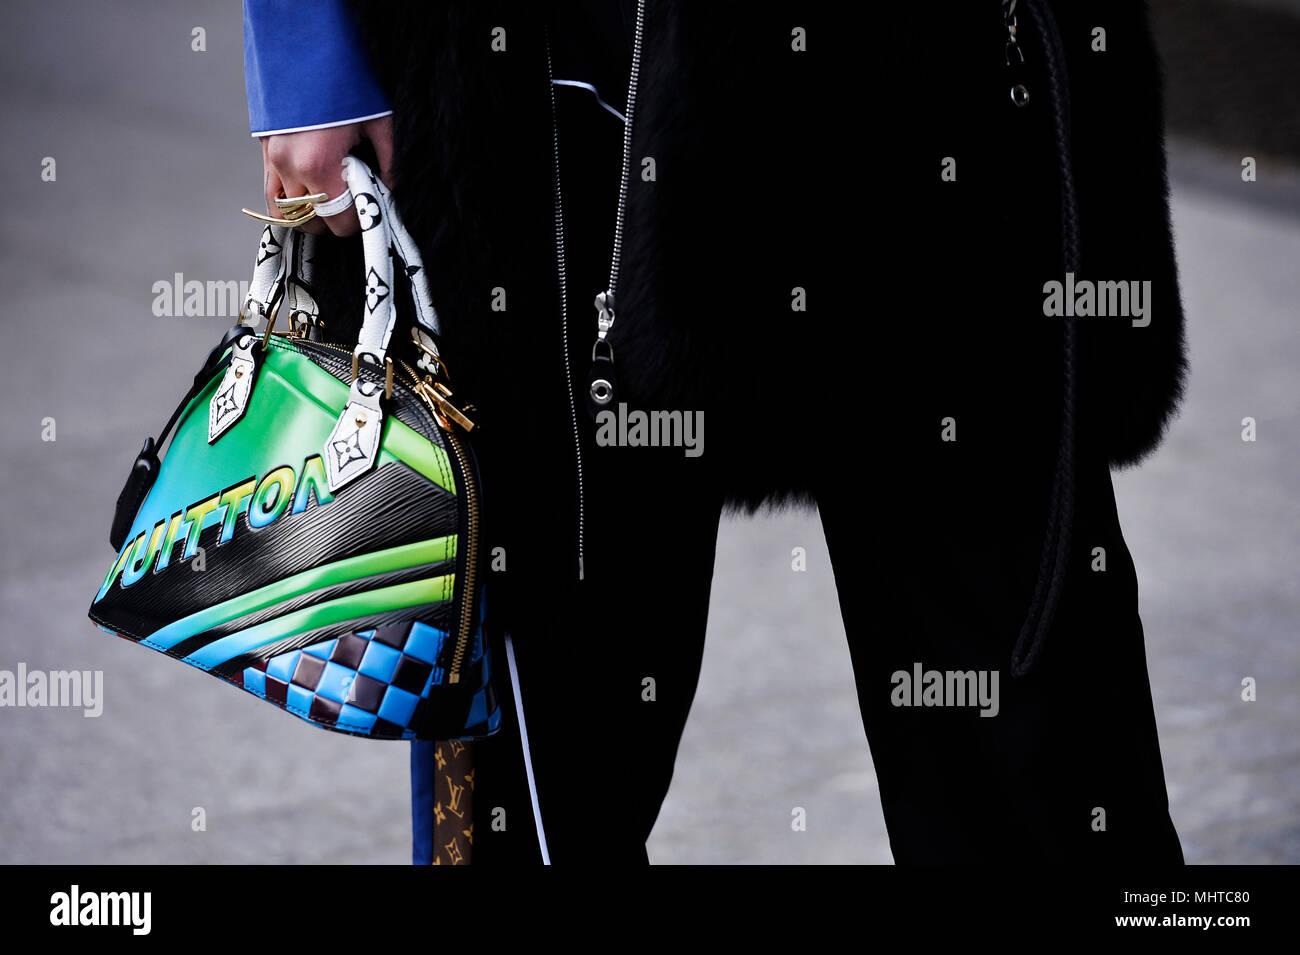 956e160d5bee1 Frauen mit einer Louis Vuitton Tasche - Paris - Frankreich Stockfoto ...